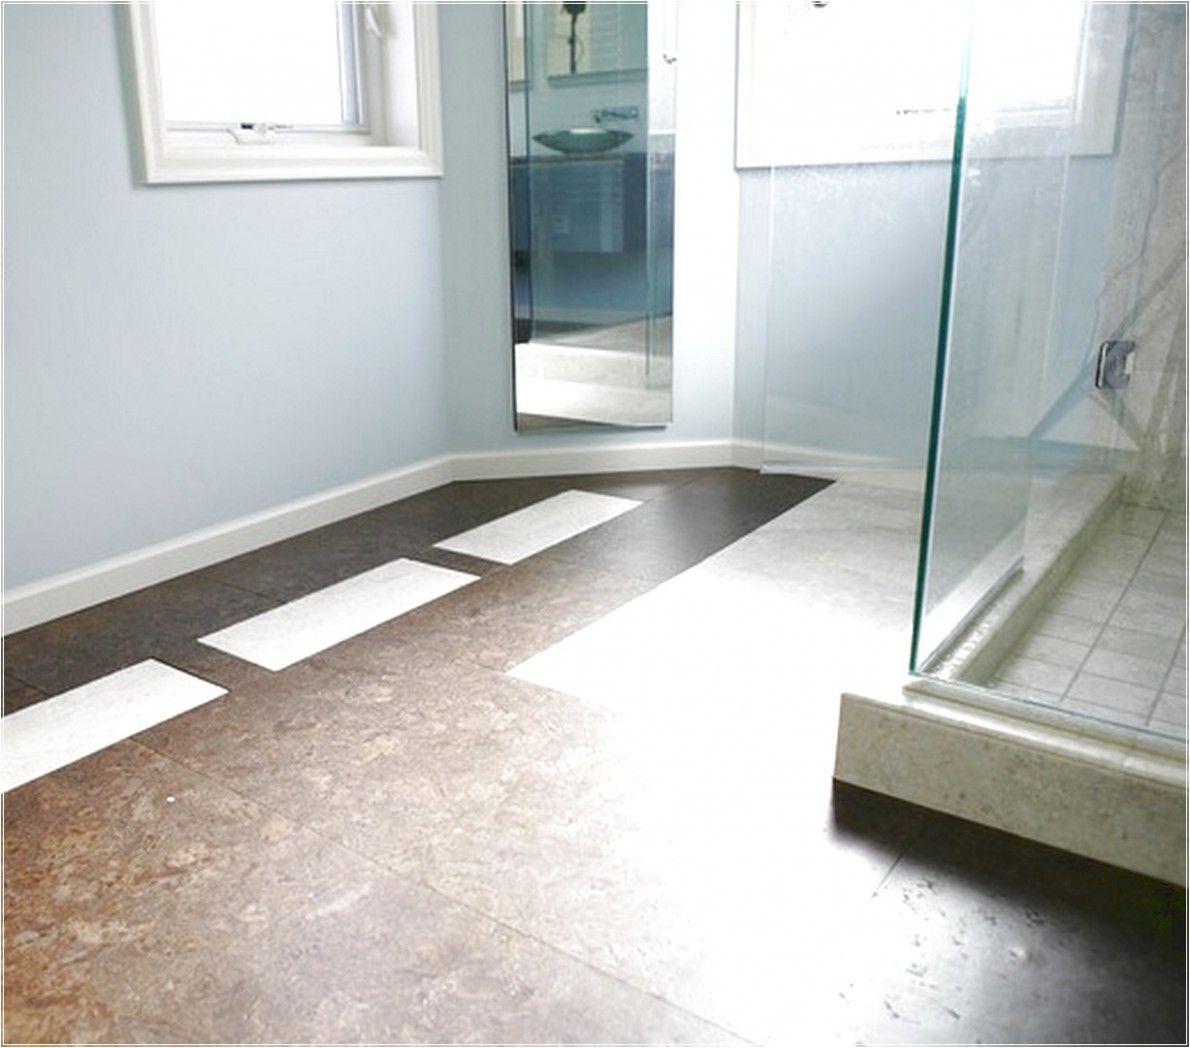 Bathroom Floor Board Ideas In 2020 Bathroom Flooring Tile Floor Cork Flooring